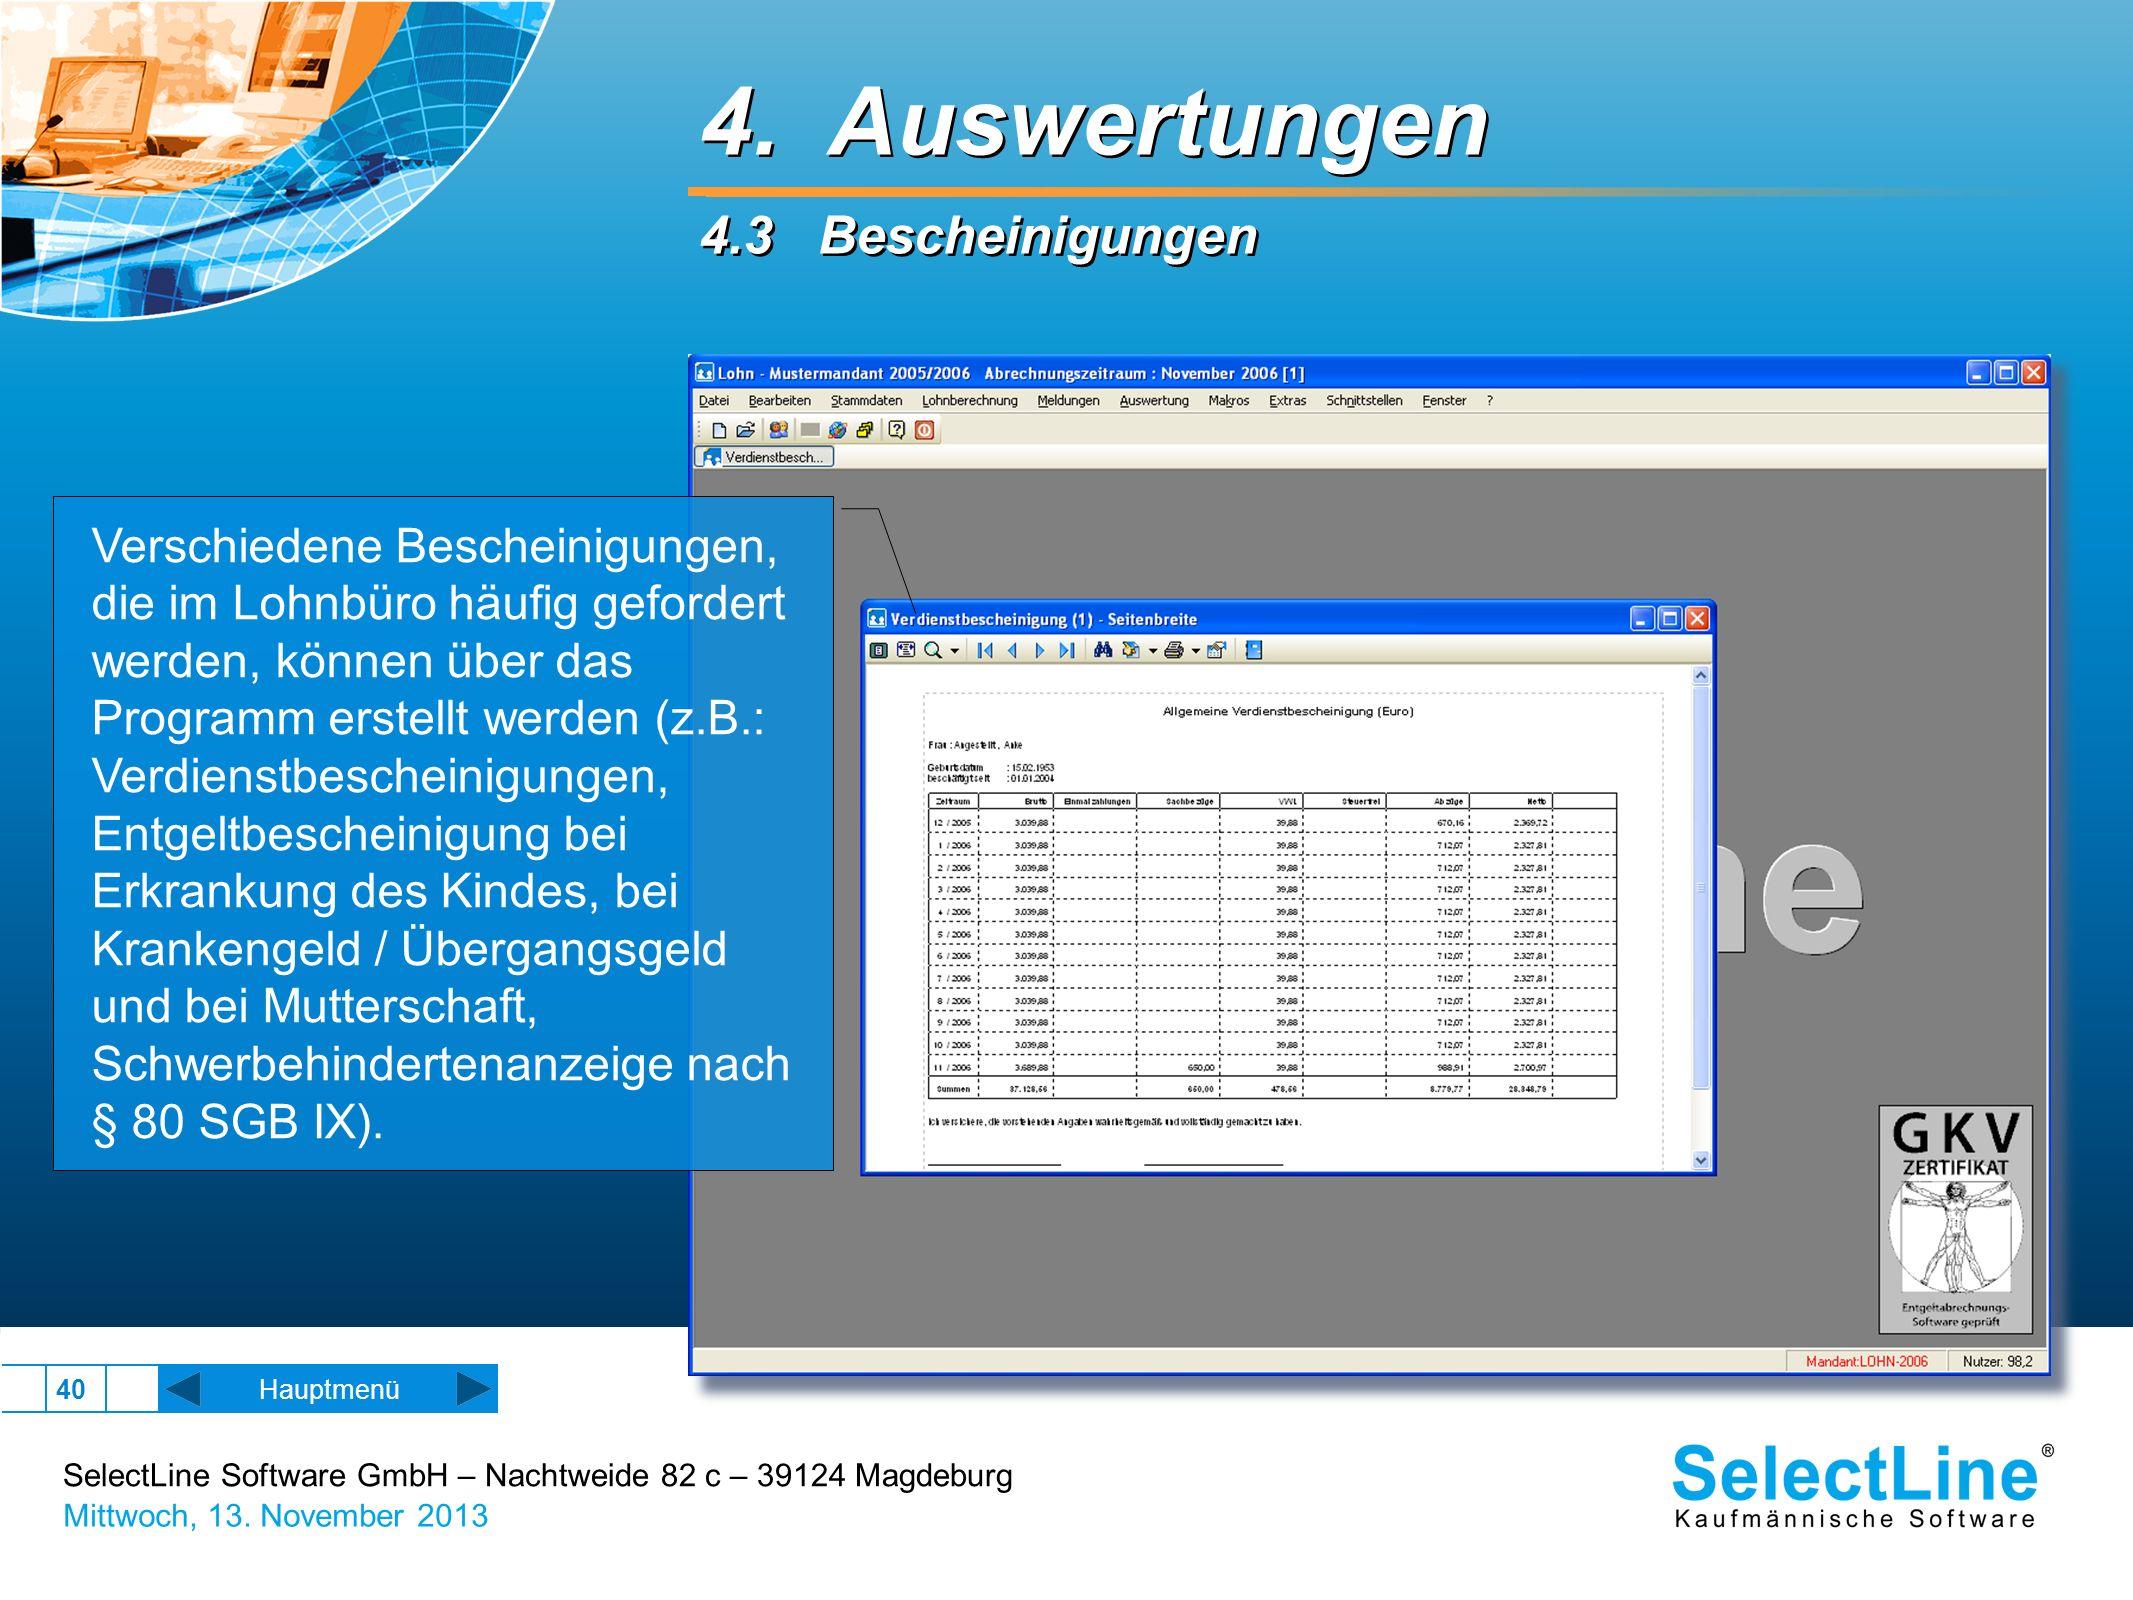 SelectLine Software GmbH – Nachtweide 82 c – 39124 Magdeburg Mittwoch, 13. November 2013 40 Hauptmenü 4. Auswertungen 4.3 Bescheinigungen 4. Auswertun